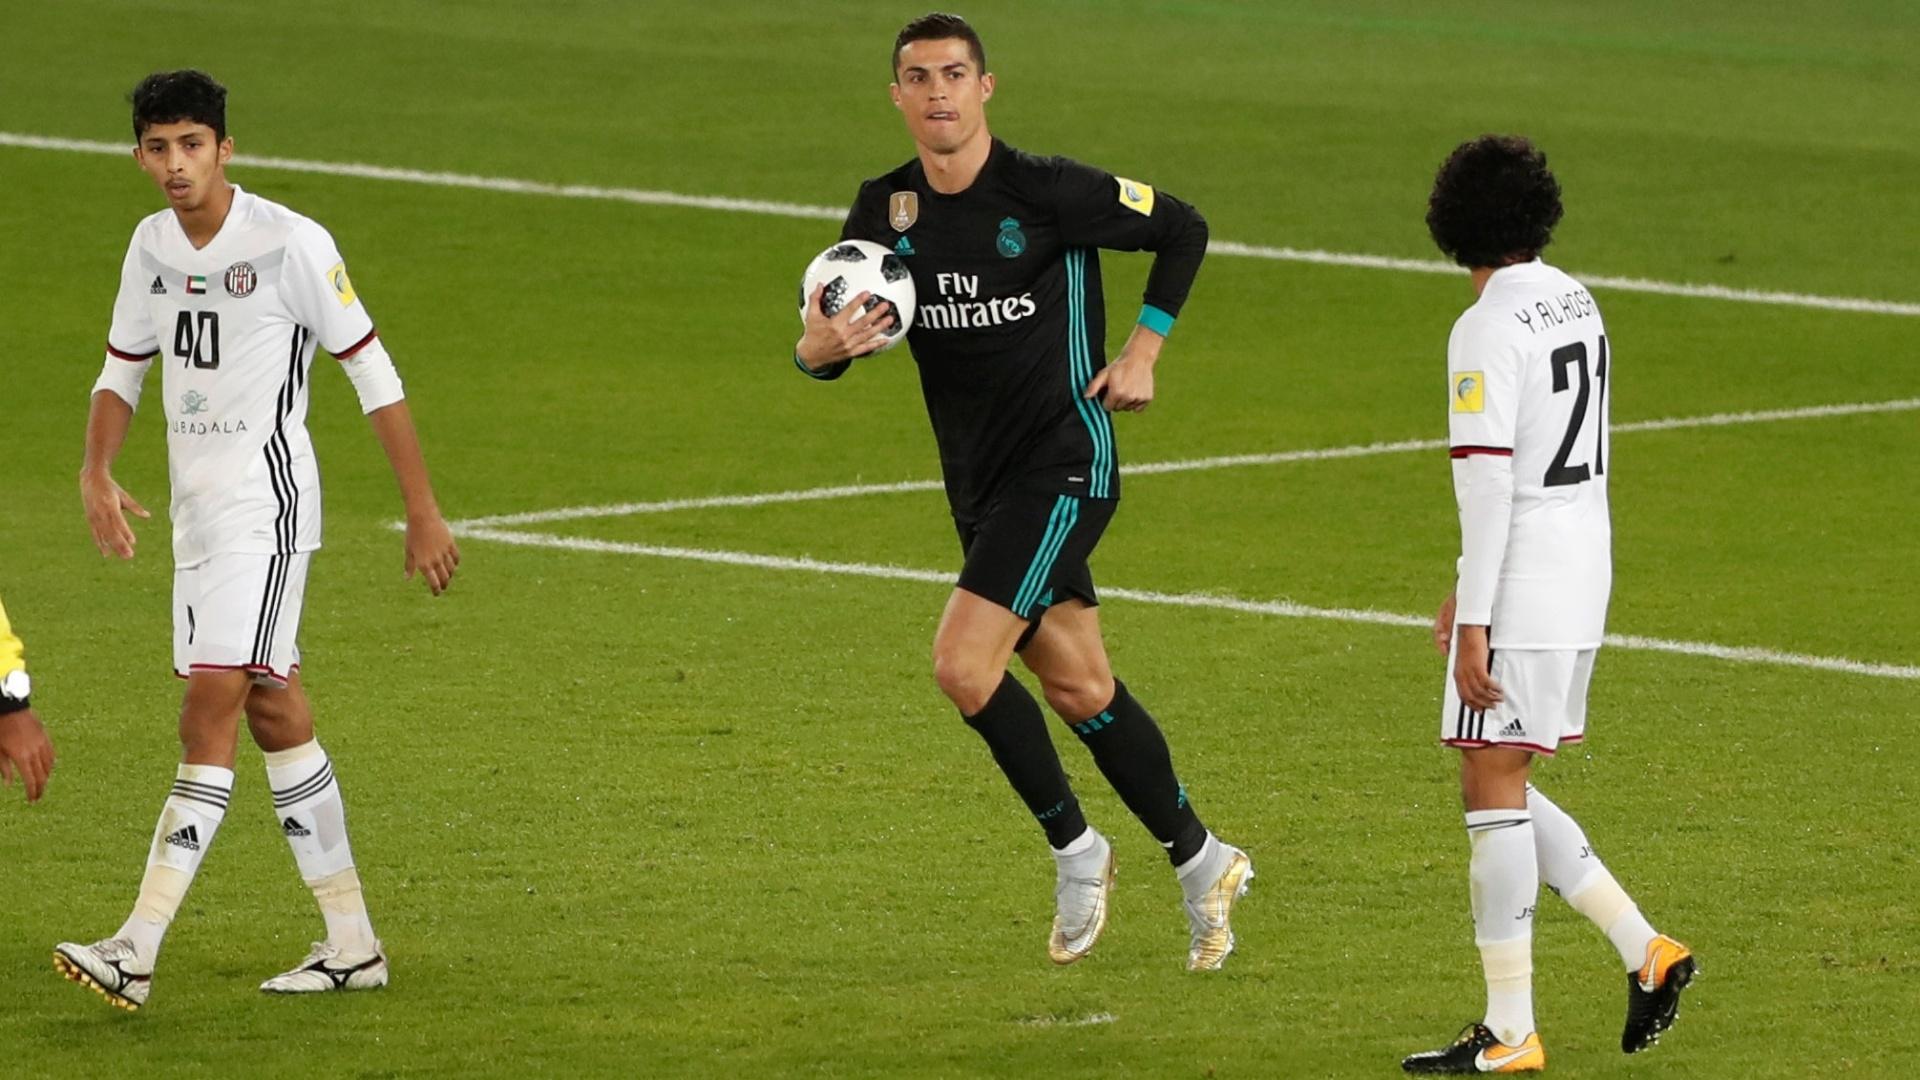 Cristiano Ronaldo pega a bola após empatar para o Real Madrid contra o Al Jazira